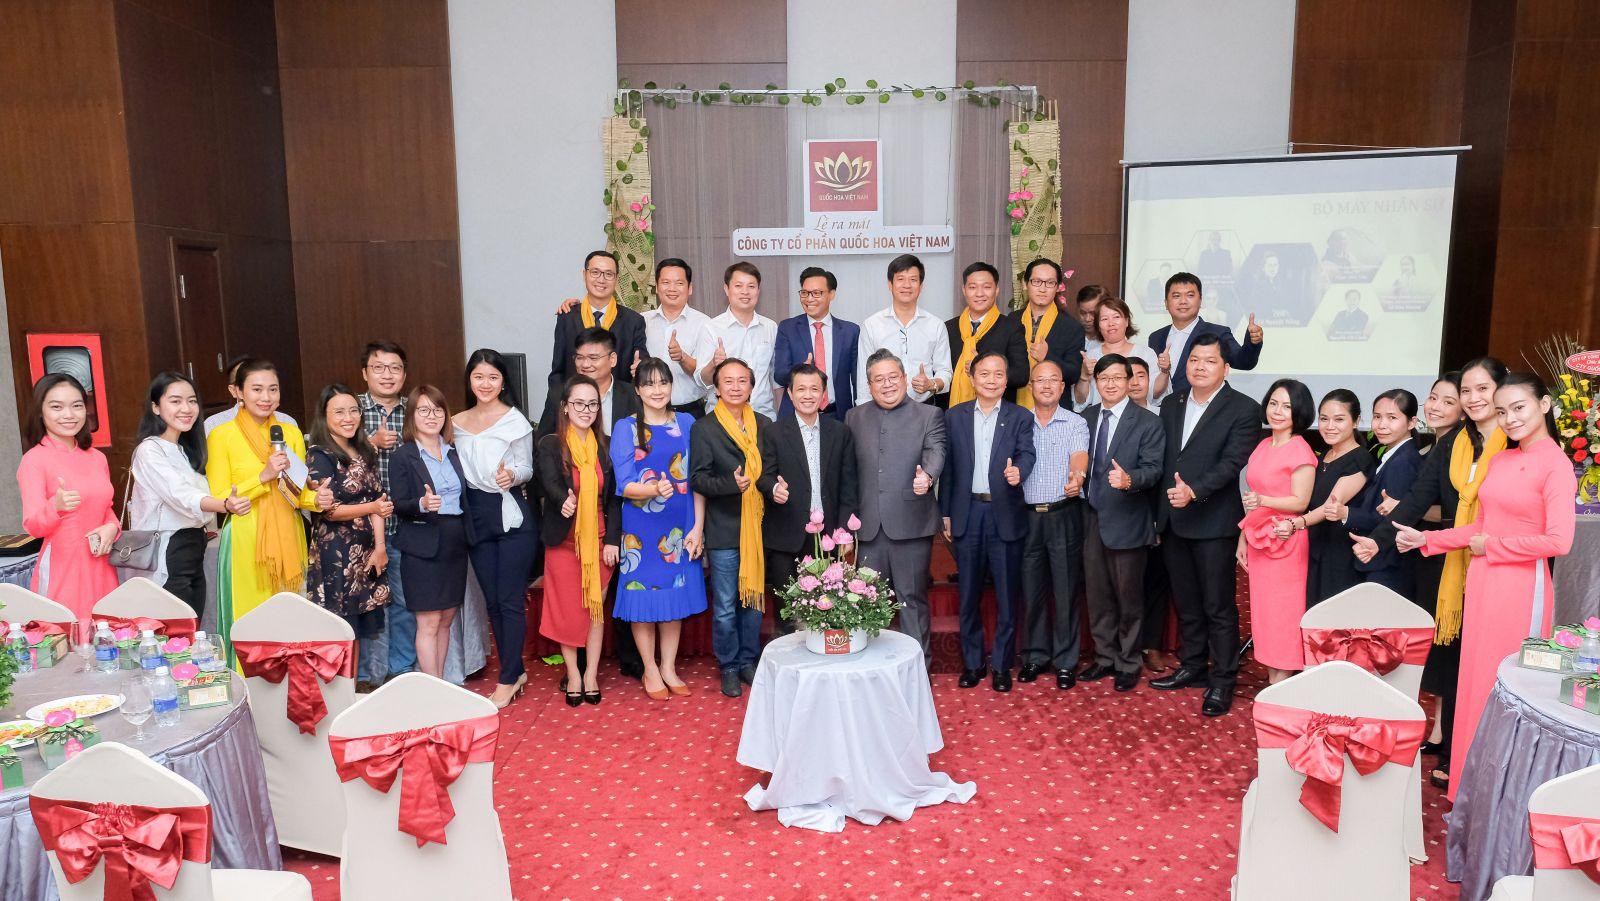 Các đại biểu tham dự Lễ ra mắt chụp ảnh lưu niệm bên đóa hoa sen - Biểu tượng của Công ty Quốc Hoa Việt Nam